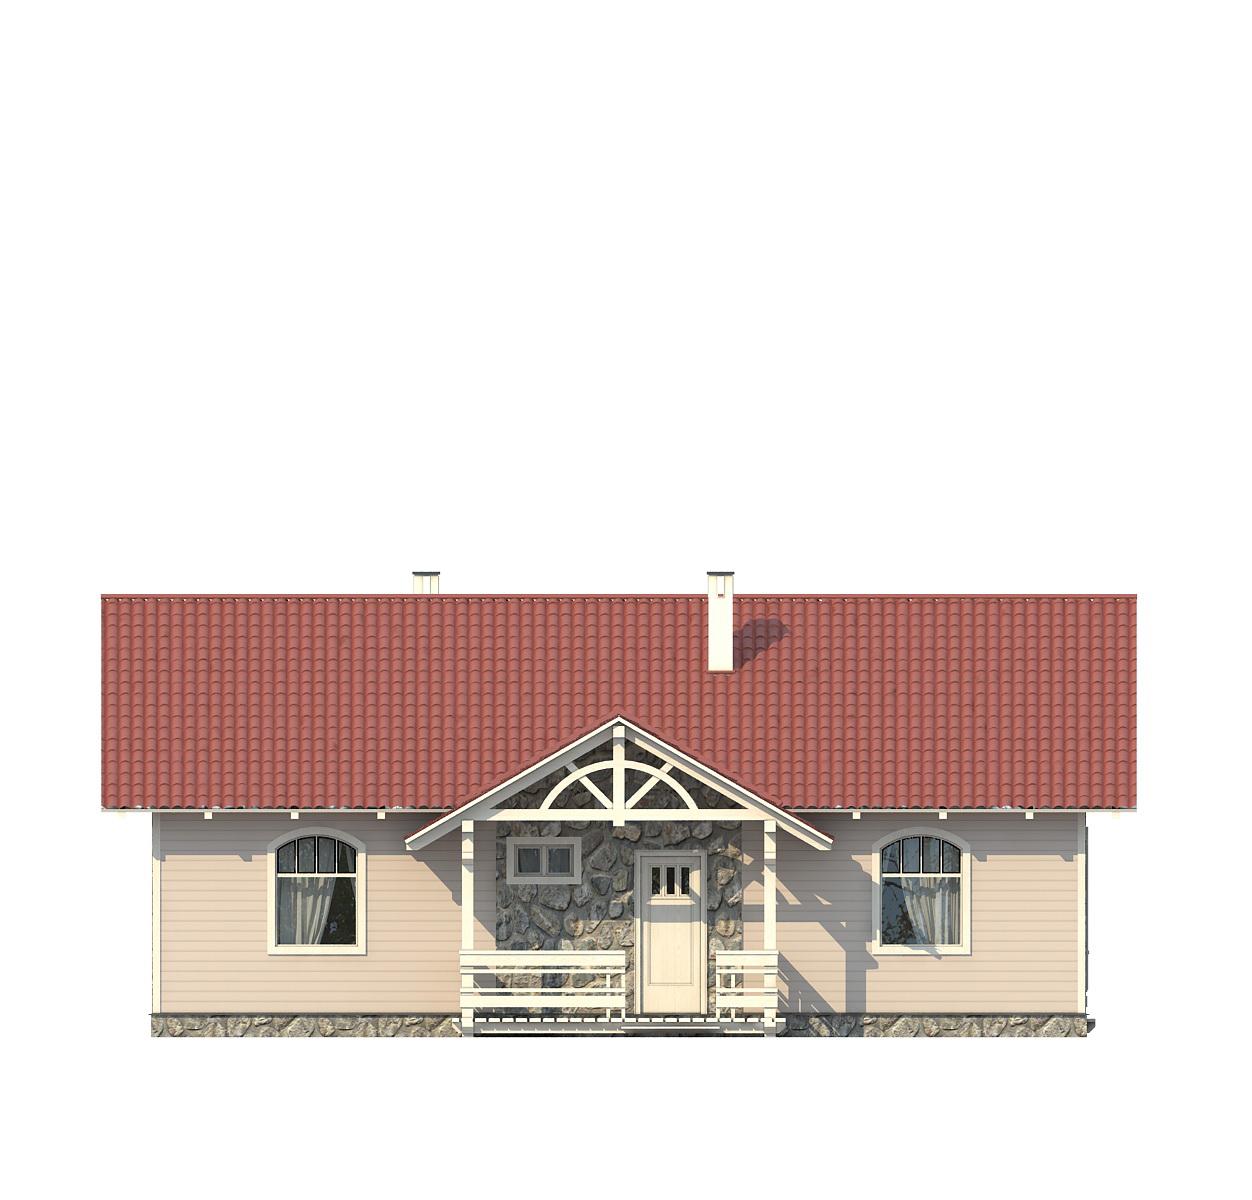 Проект дома 002-1 фасад